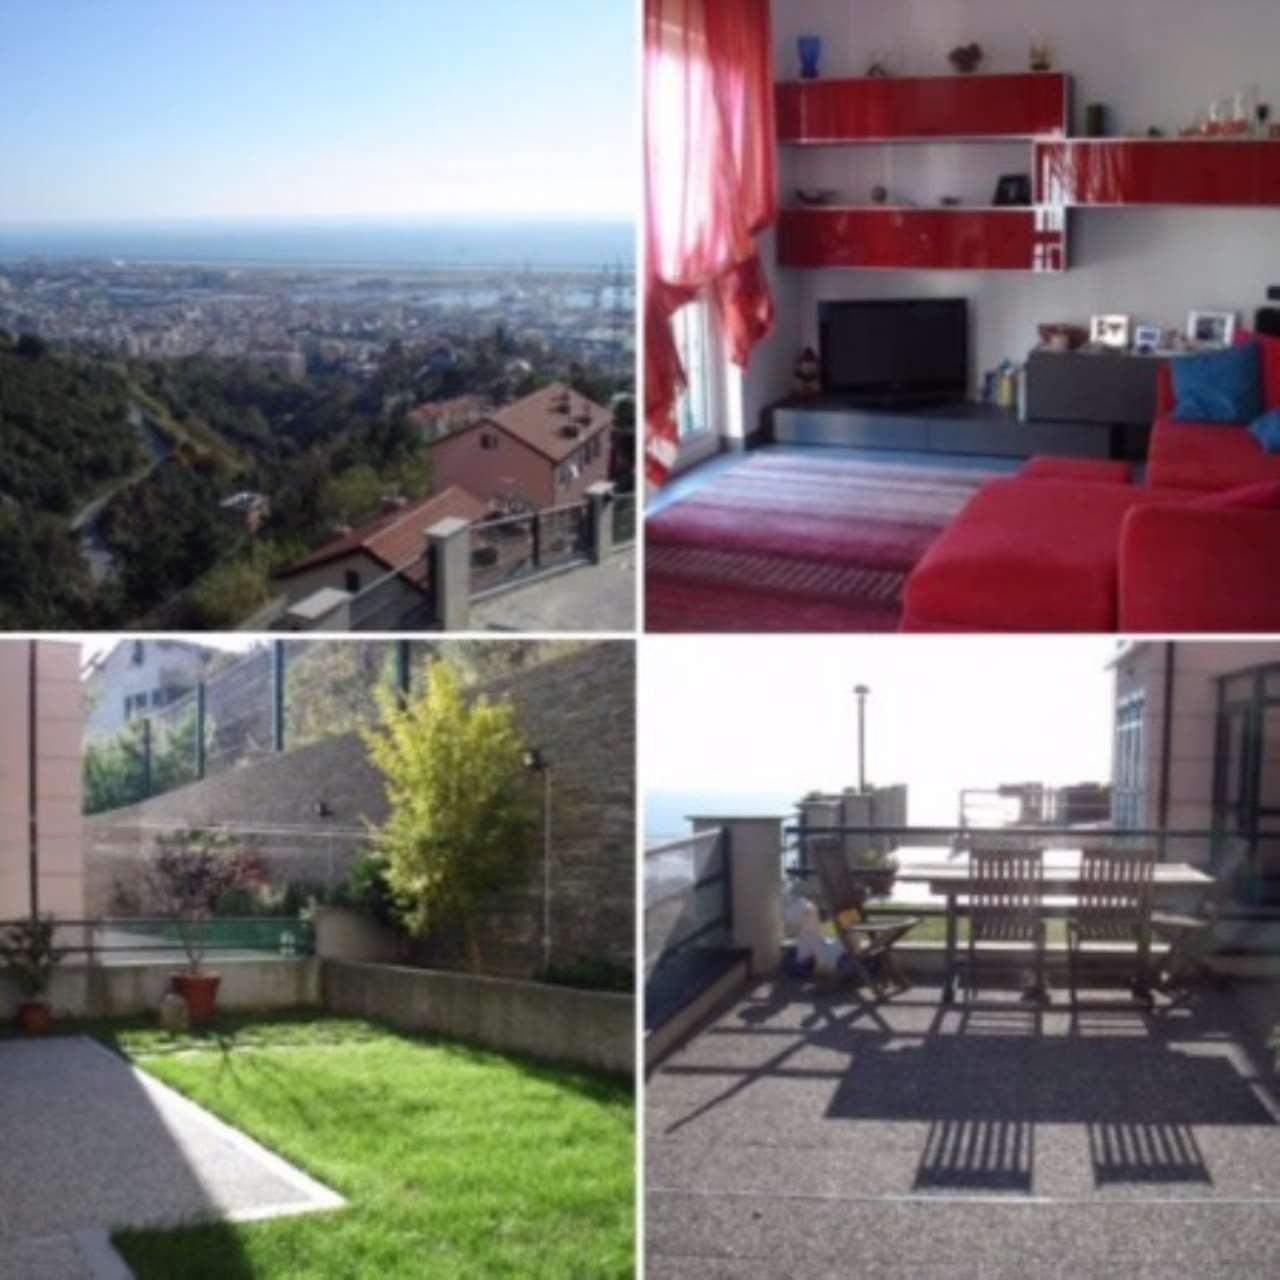 Villa in vendita a Genova, 6 locali, zona Zona: 13 . Sestri Ponente, Medio Ponente, prezzo € 500.000 | Cambio Casa.it